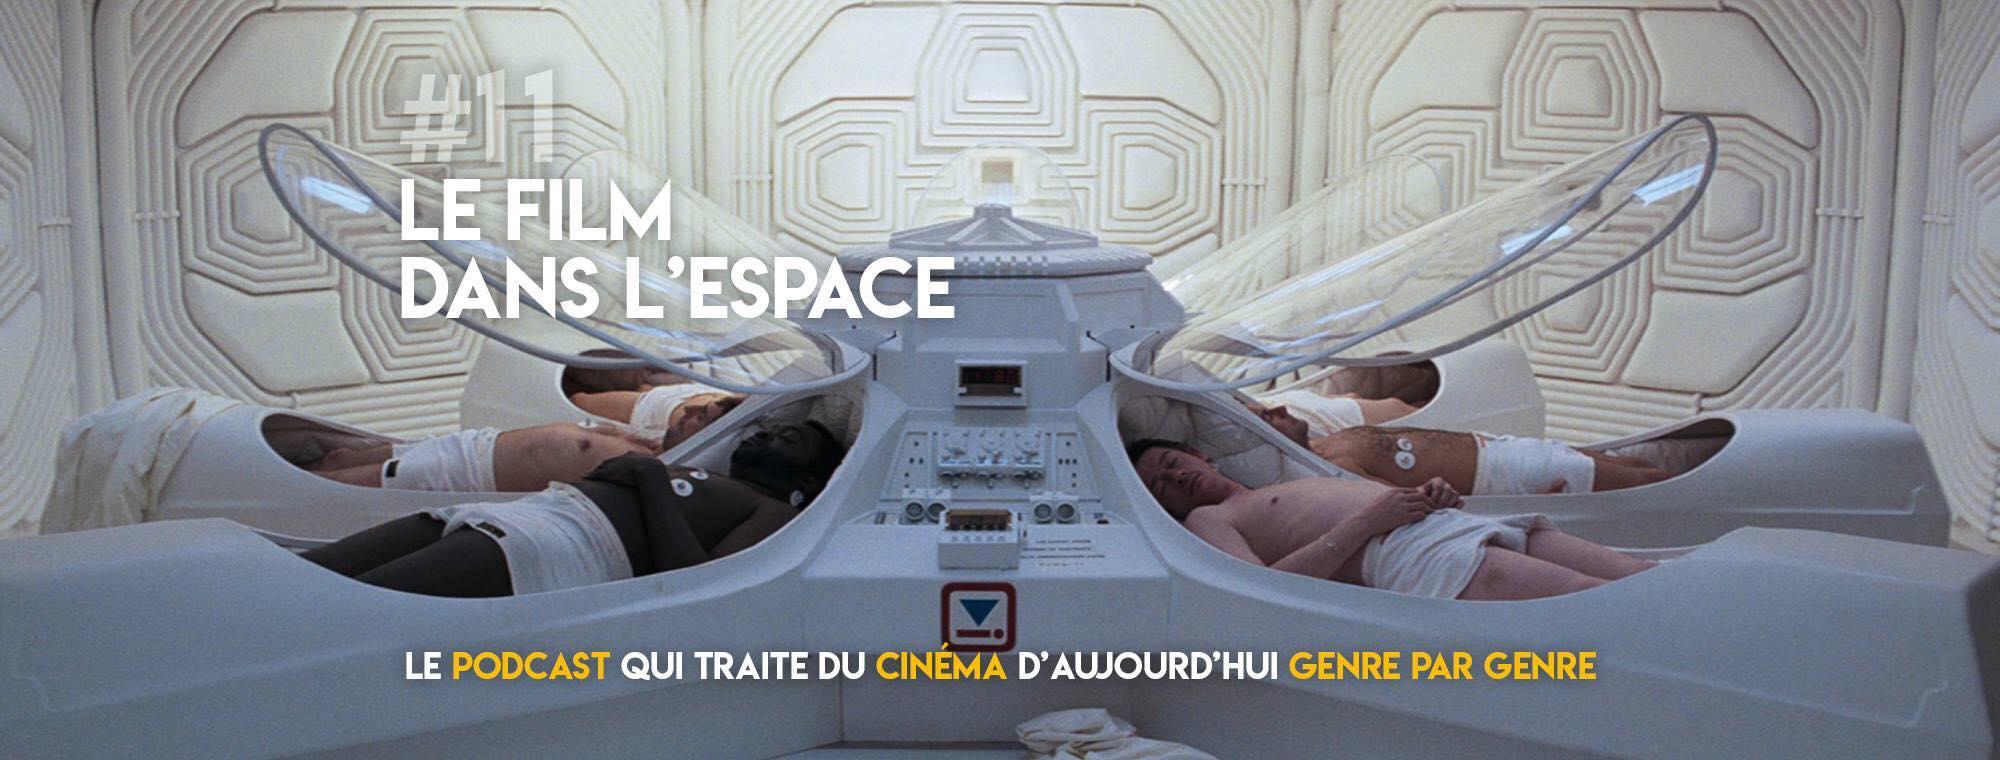 Parlons Péloches - #10 Le film dans l'espace